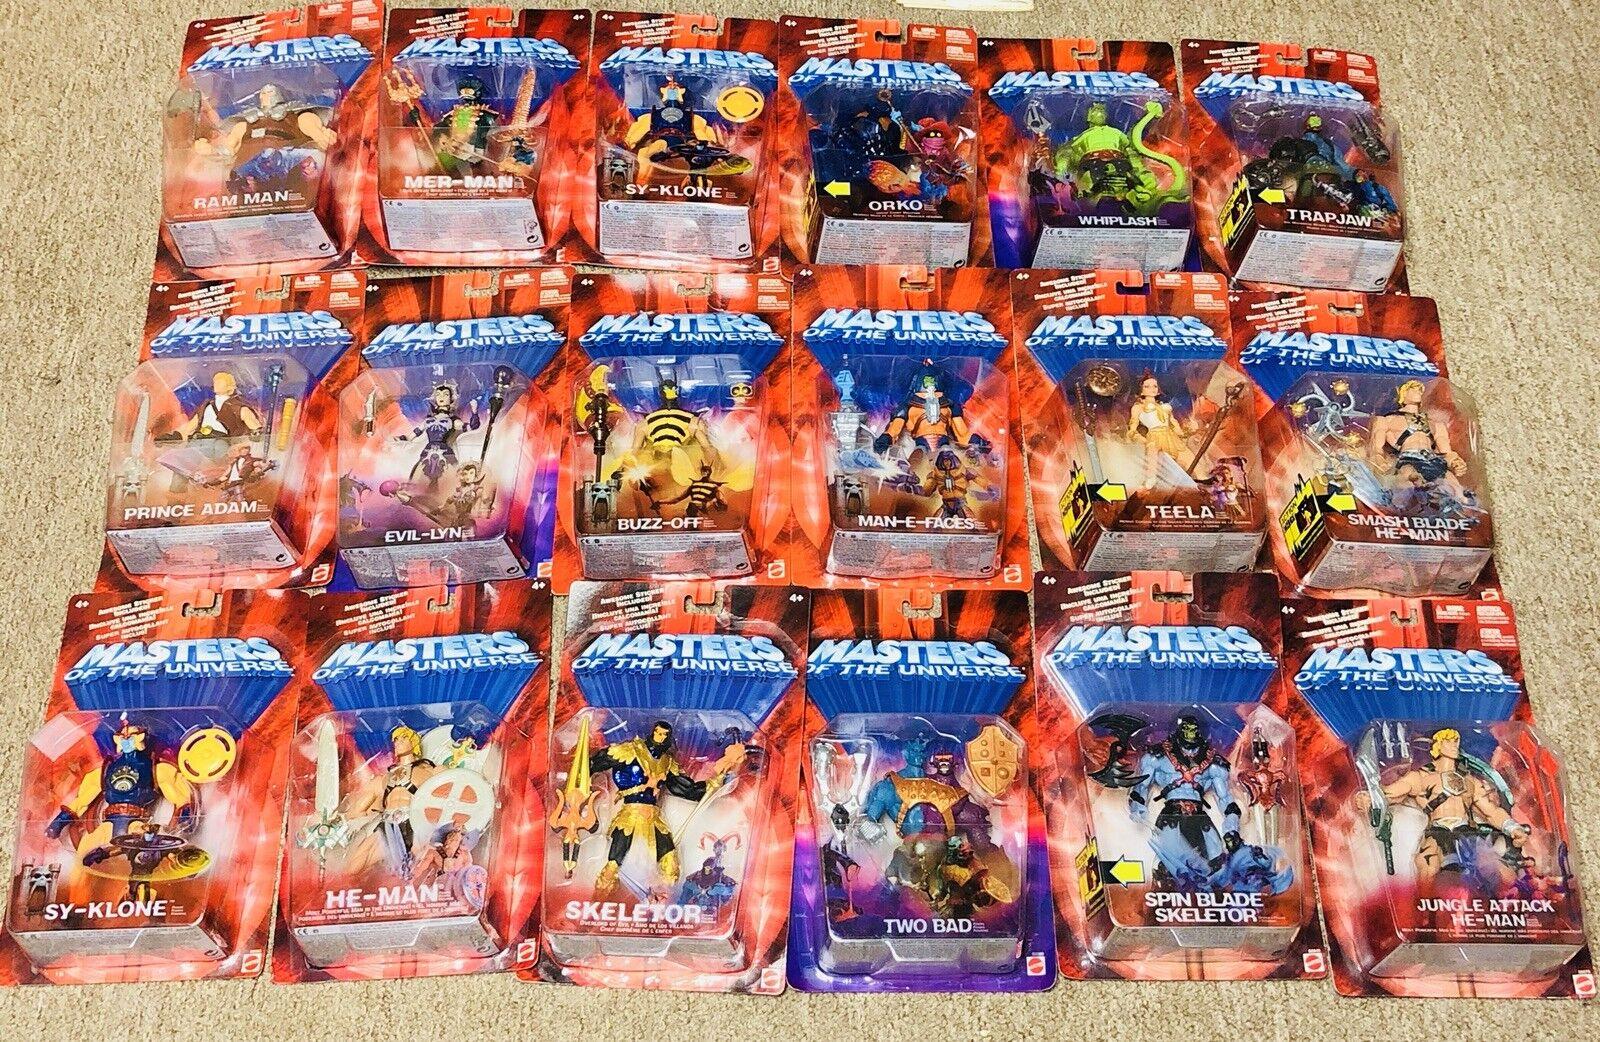 He-uomo, Masters of the Universe cifra, lot, set of  (18) 1982, 2002, MOC, Rare   migliori prezzi e stili più freschi